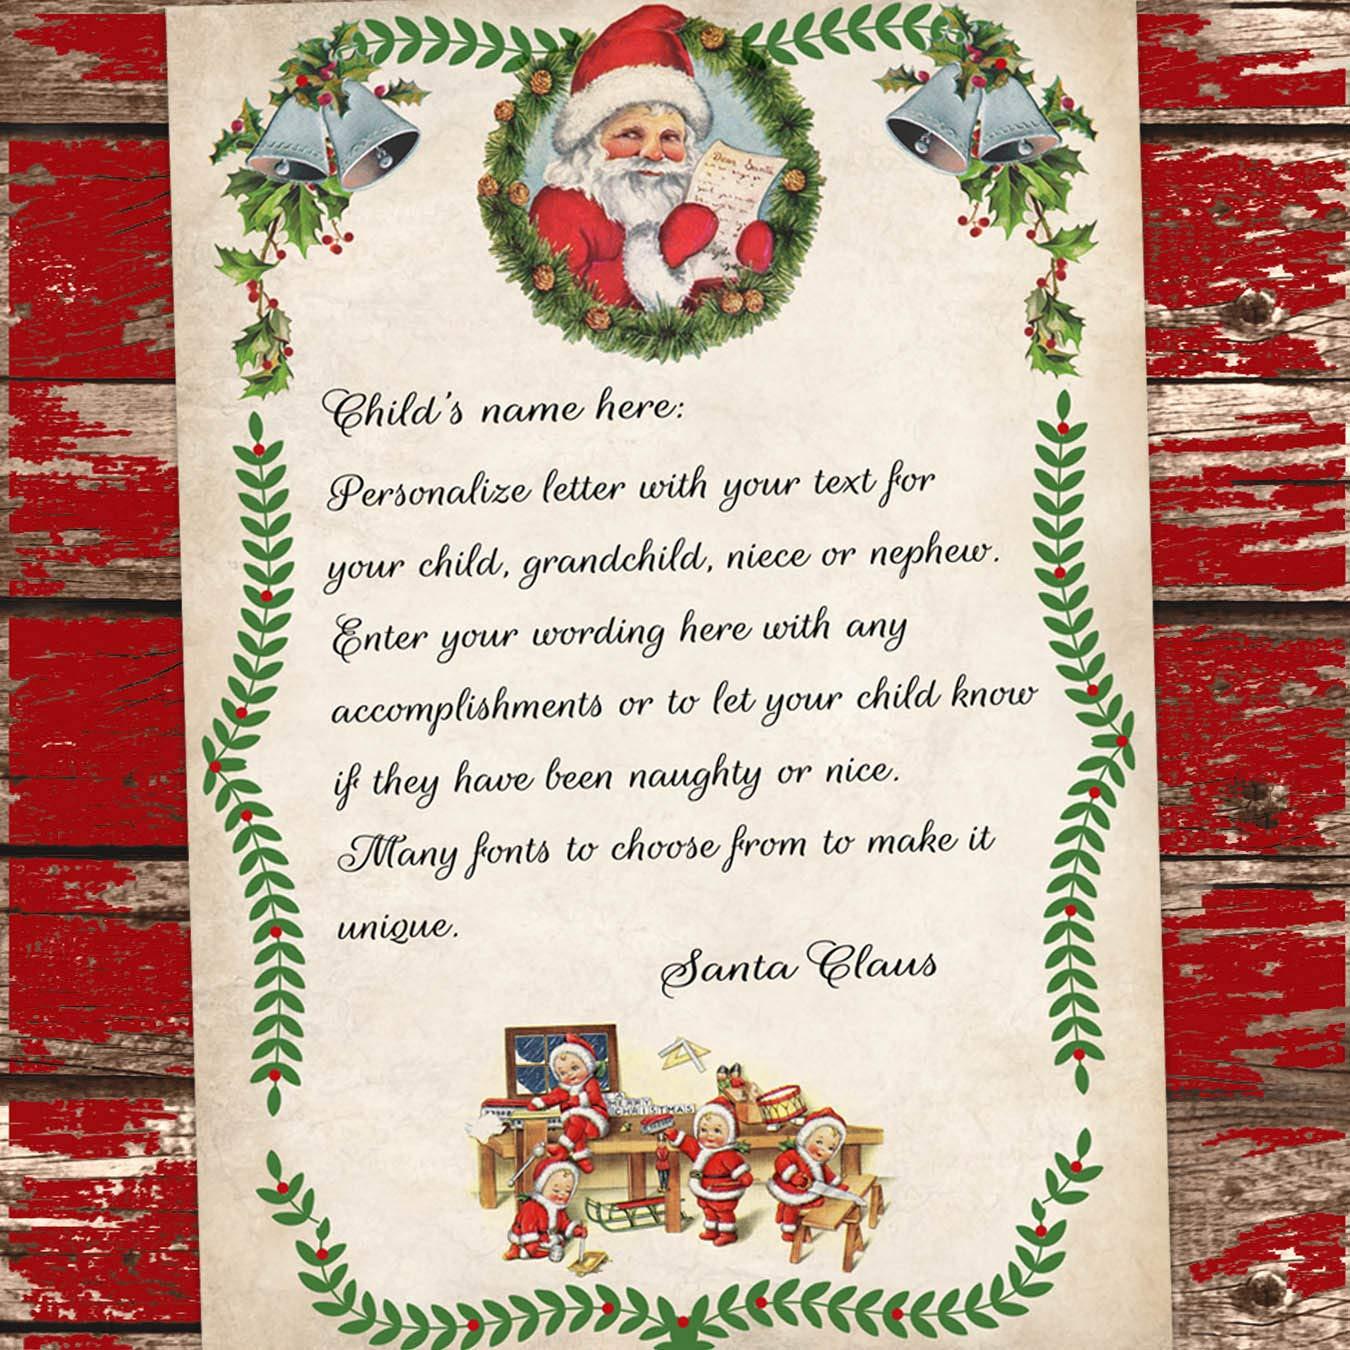 Amazon.com: Carta de Navidad de Santa Claus personalizado ...